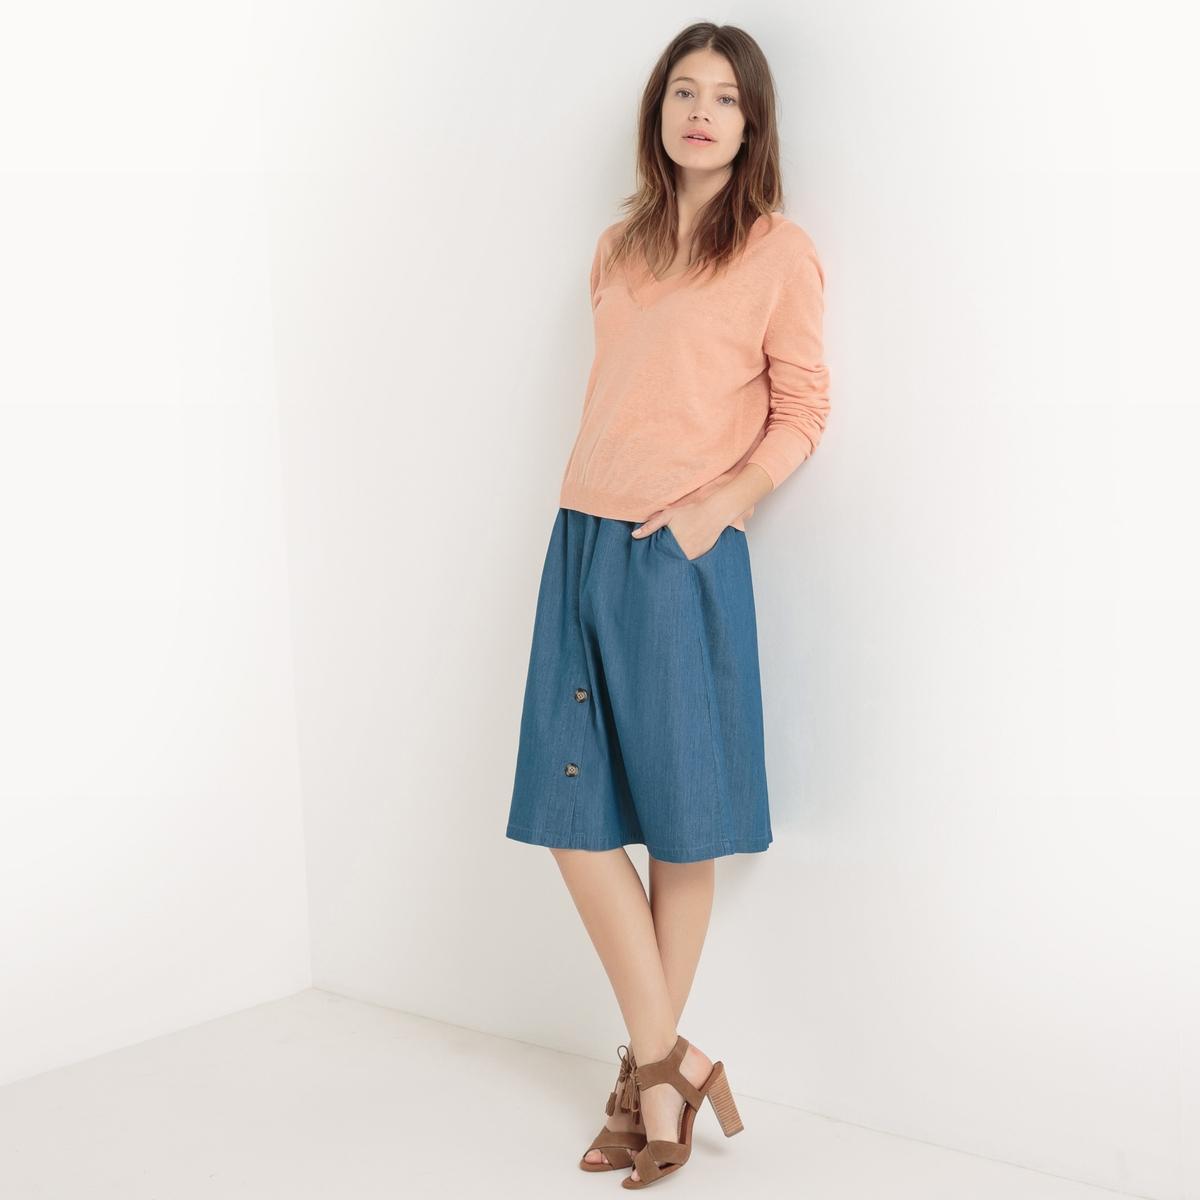 Юбка-миди из легкого денимаМатериал : 82% хлопка, 18% модала        Рисунок : Однотонная модель      Длина юбки : до колен<br><br>Цвет: синий потертый